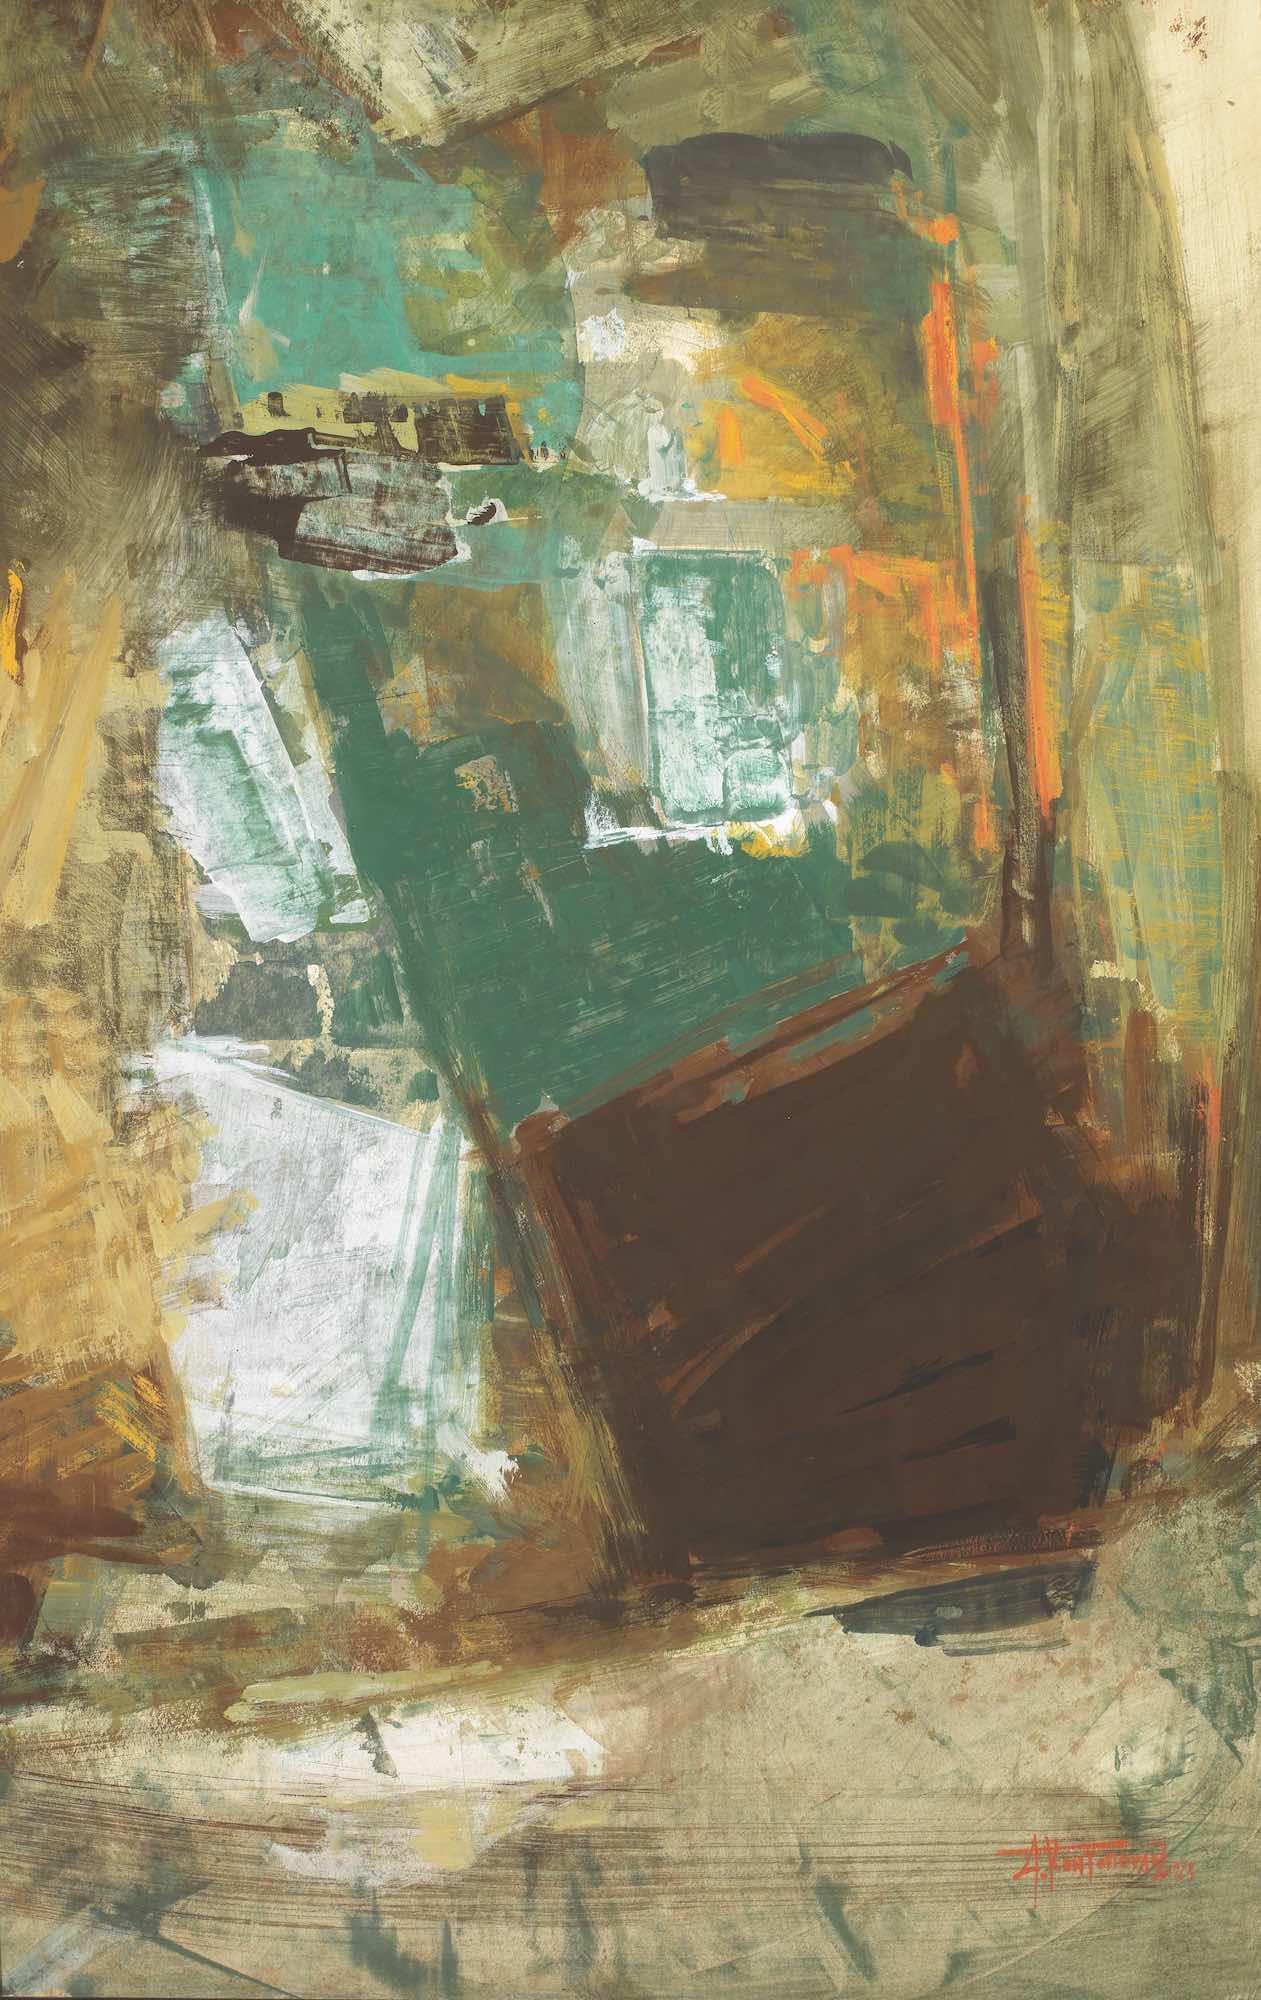 Lot 9 Alecos CONDOPOULOS   Abstract composition